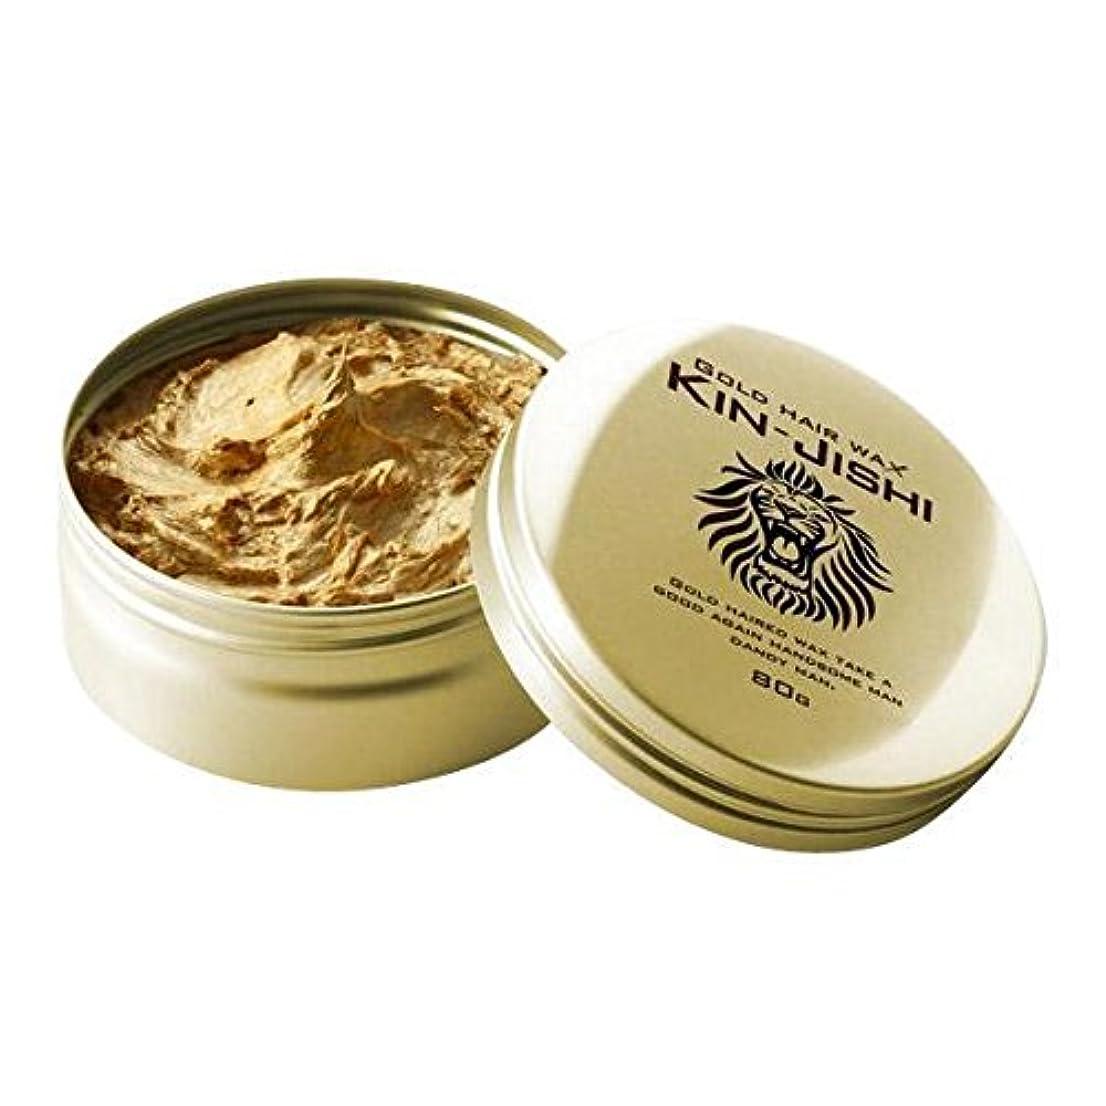 ボリュームエネルギー受粉するゴールドヘアワックス 金獅子